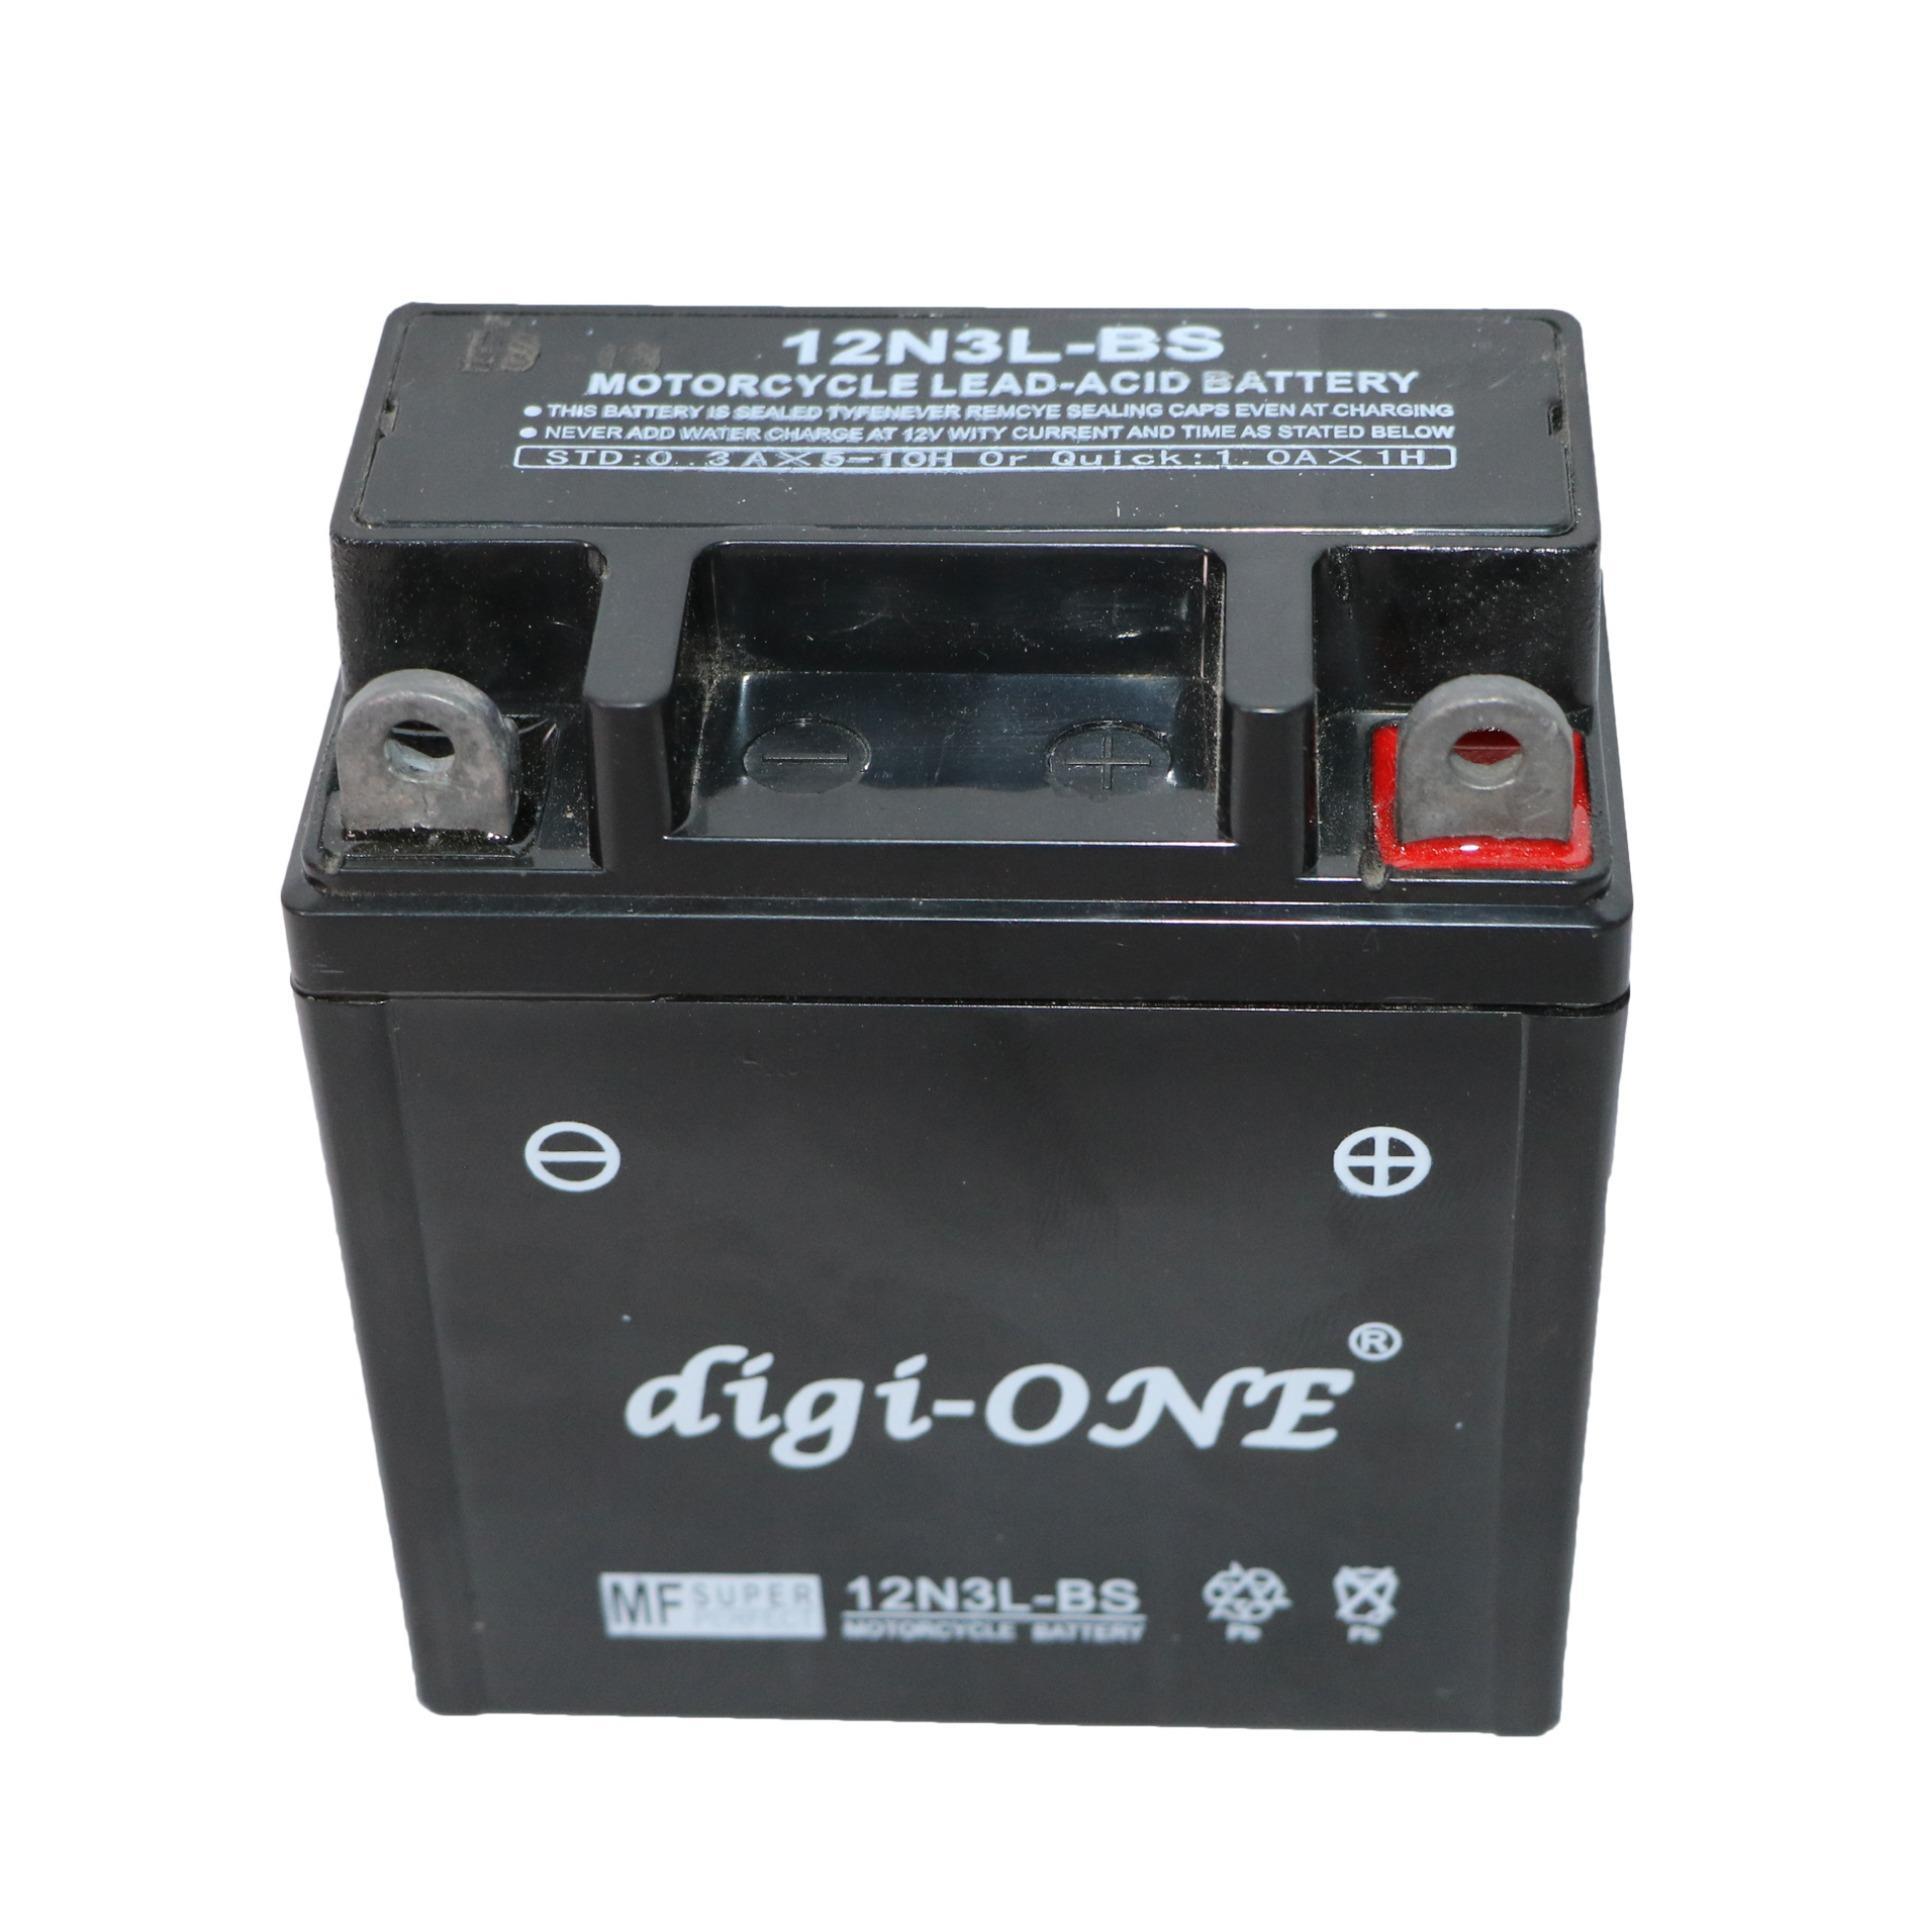 Digi-One 12n3l 9703-002 Battery By Skypoint Motors.